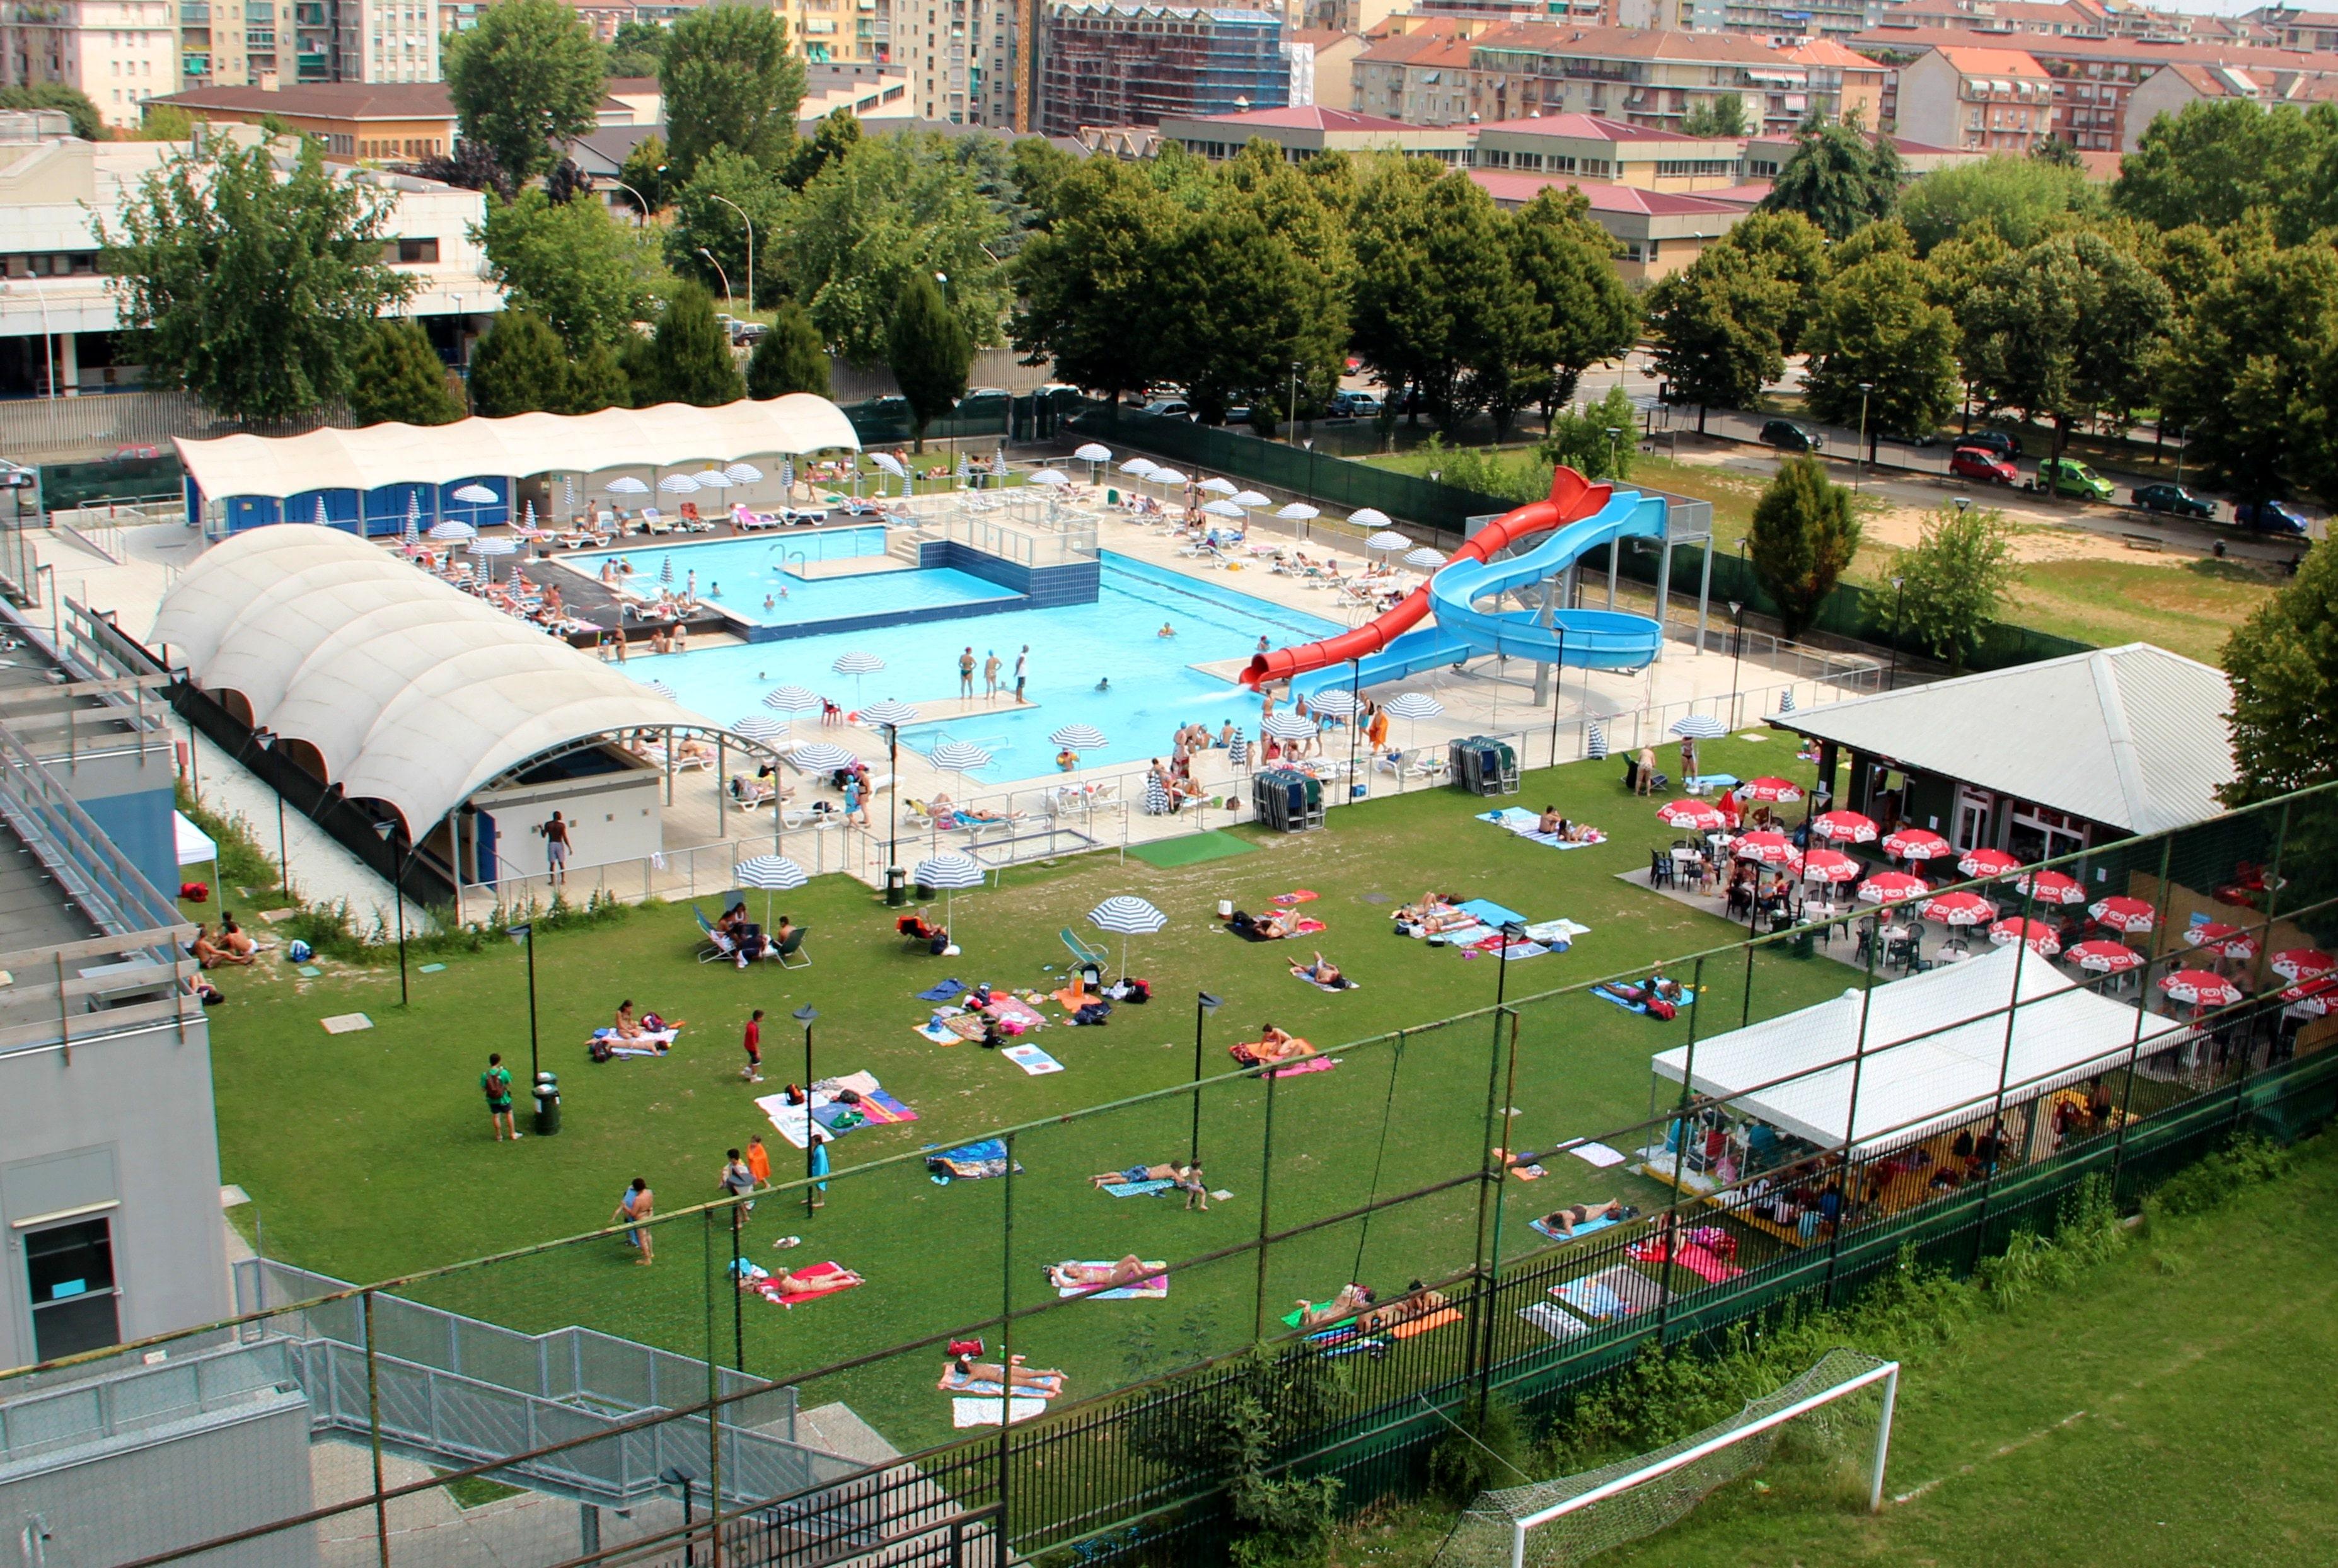 Piscine All Aperto Piemonte piscine a novara: tutte le tariffe dell'estate 2018